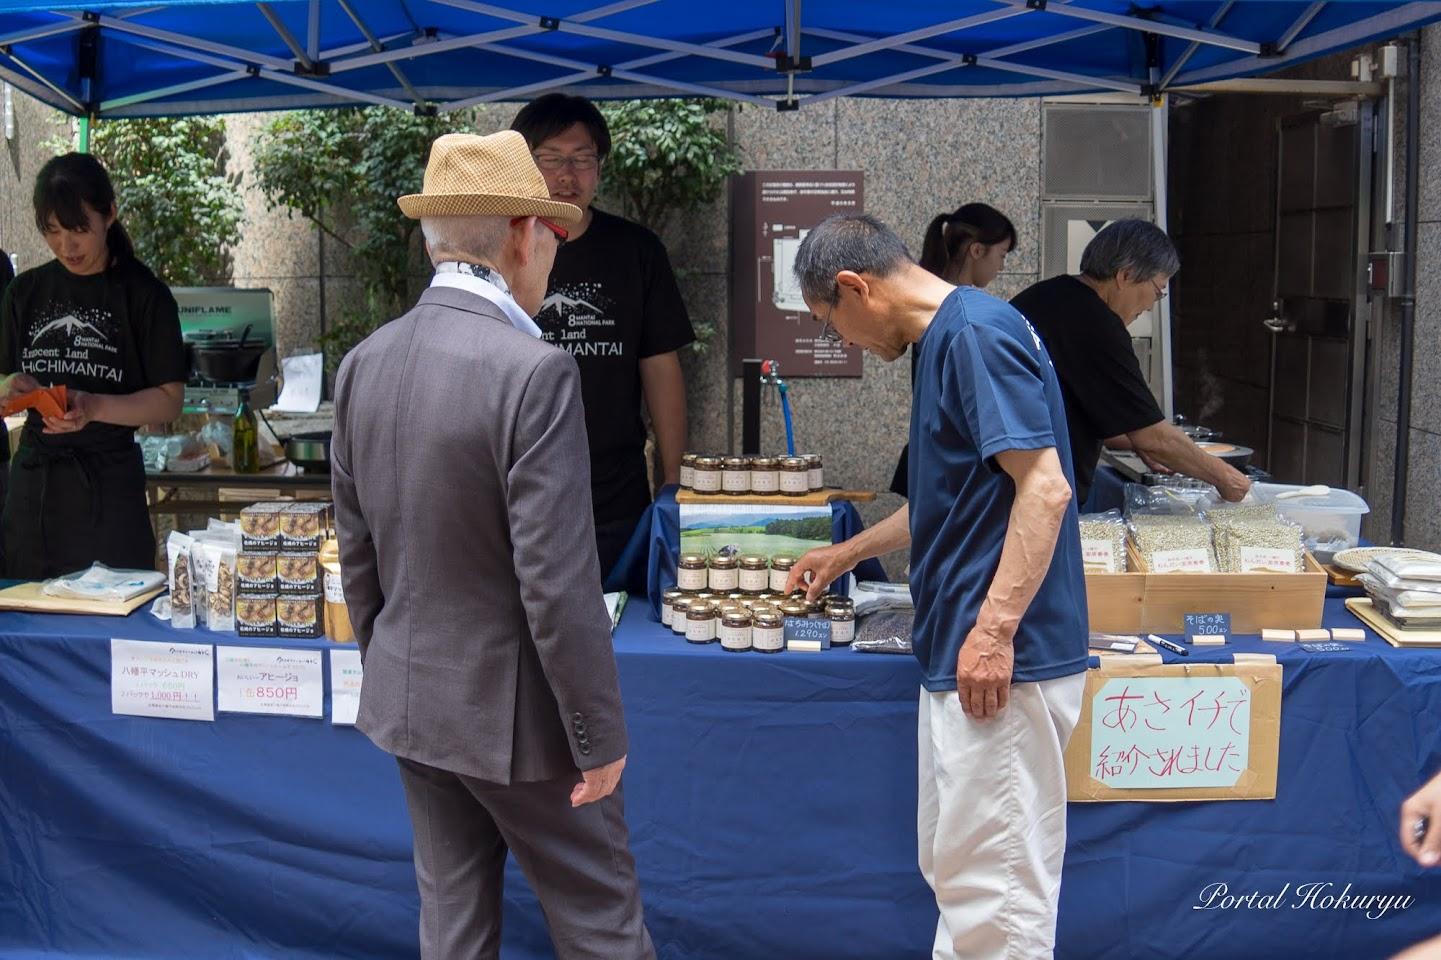 岩手県八幡平のマッシュルーム&わんだい高原蕎麦&はちみつ(そば)